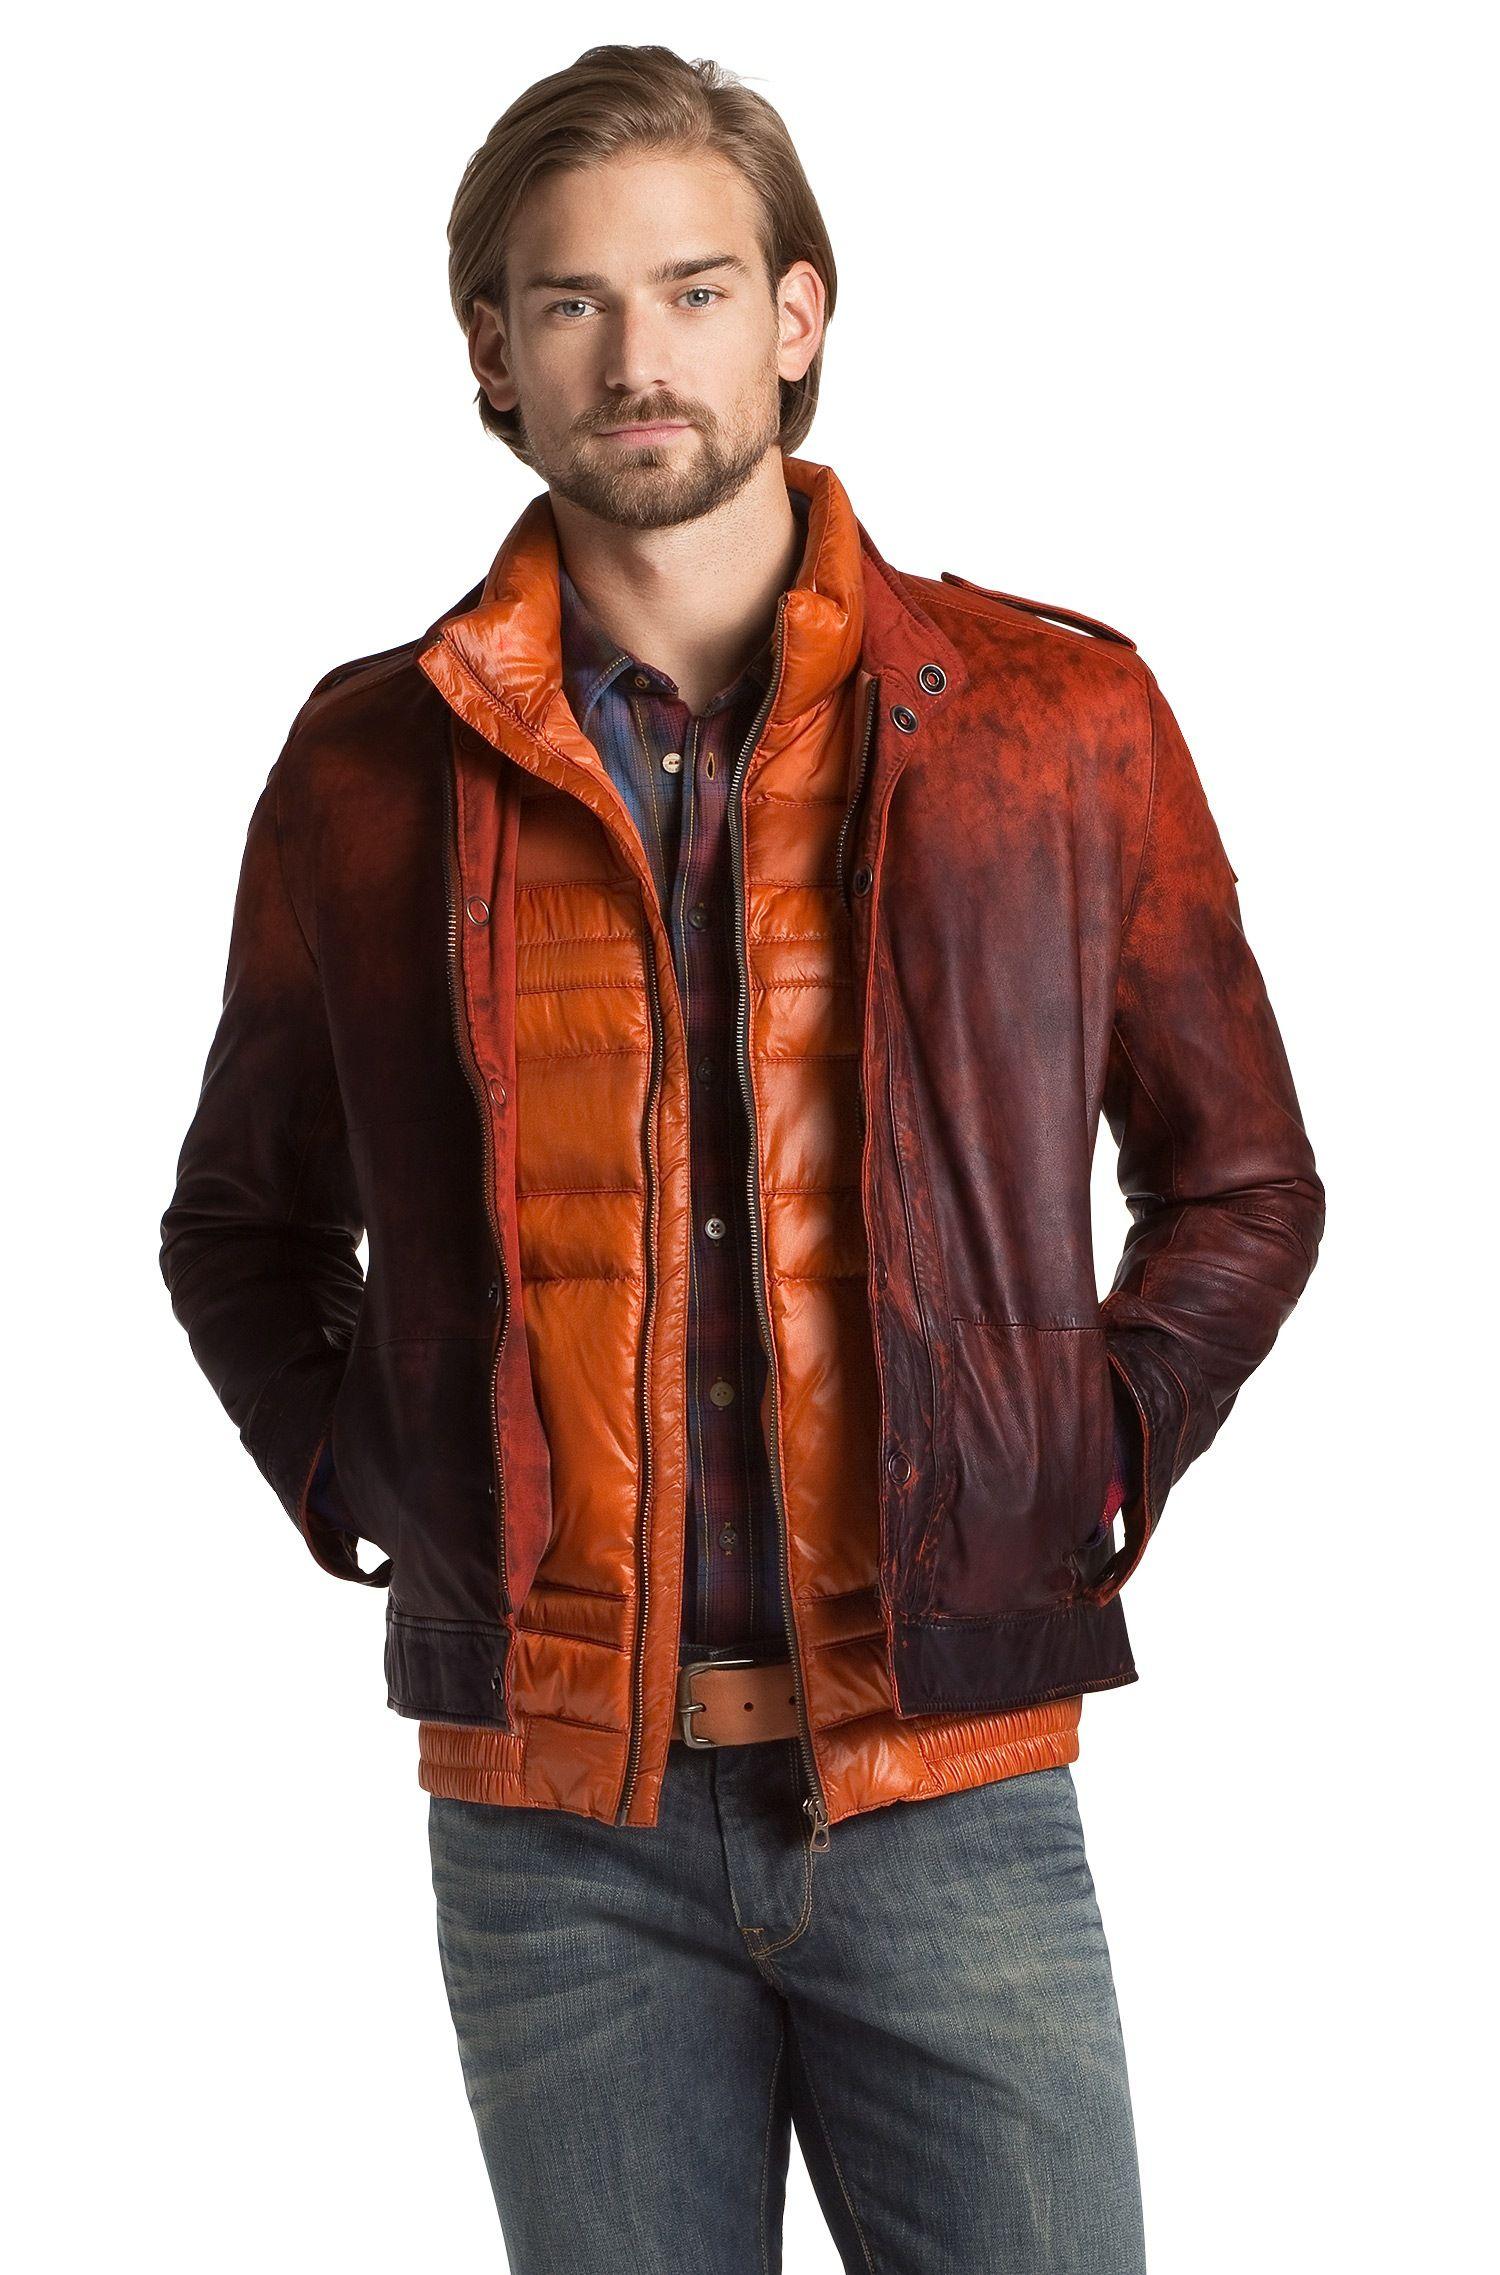 Lamb leather jacket 'Jowani' by BOSS Orange Herren mode